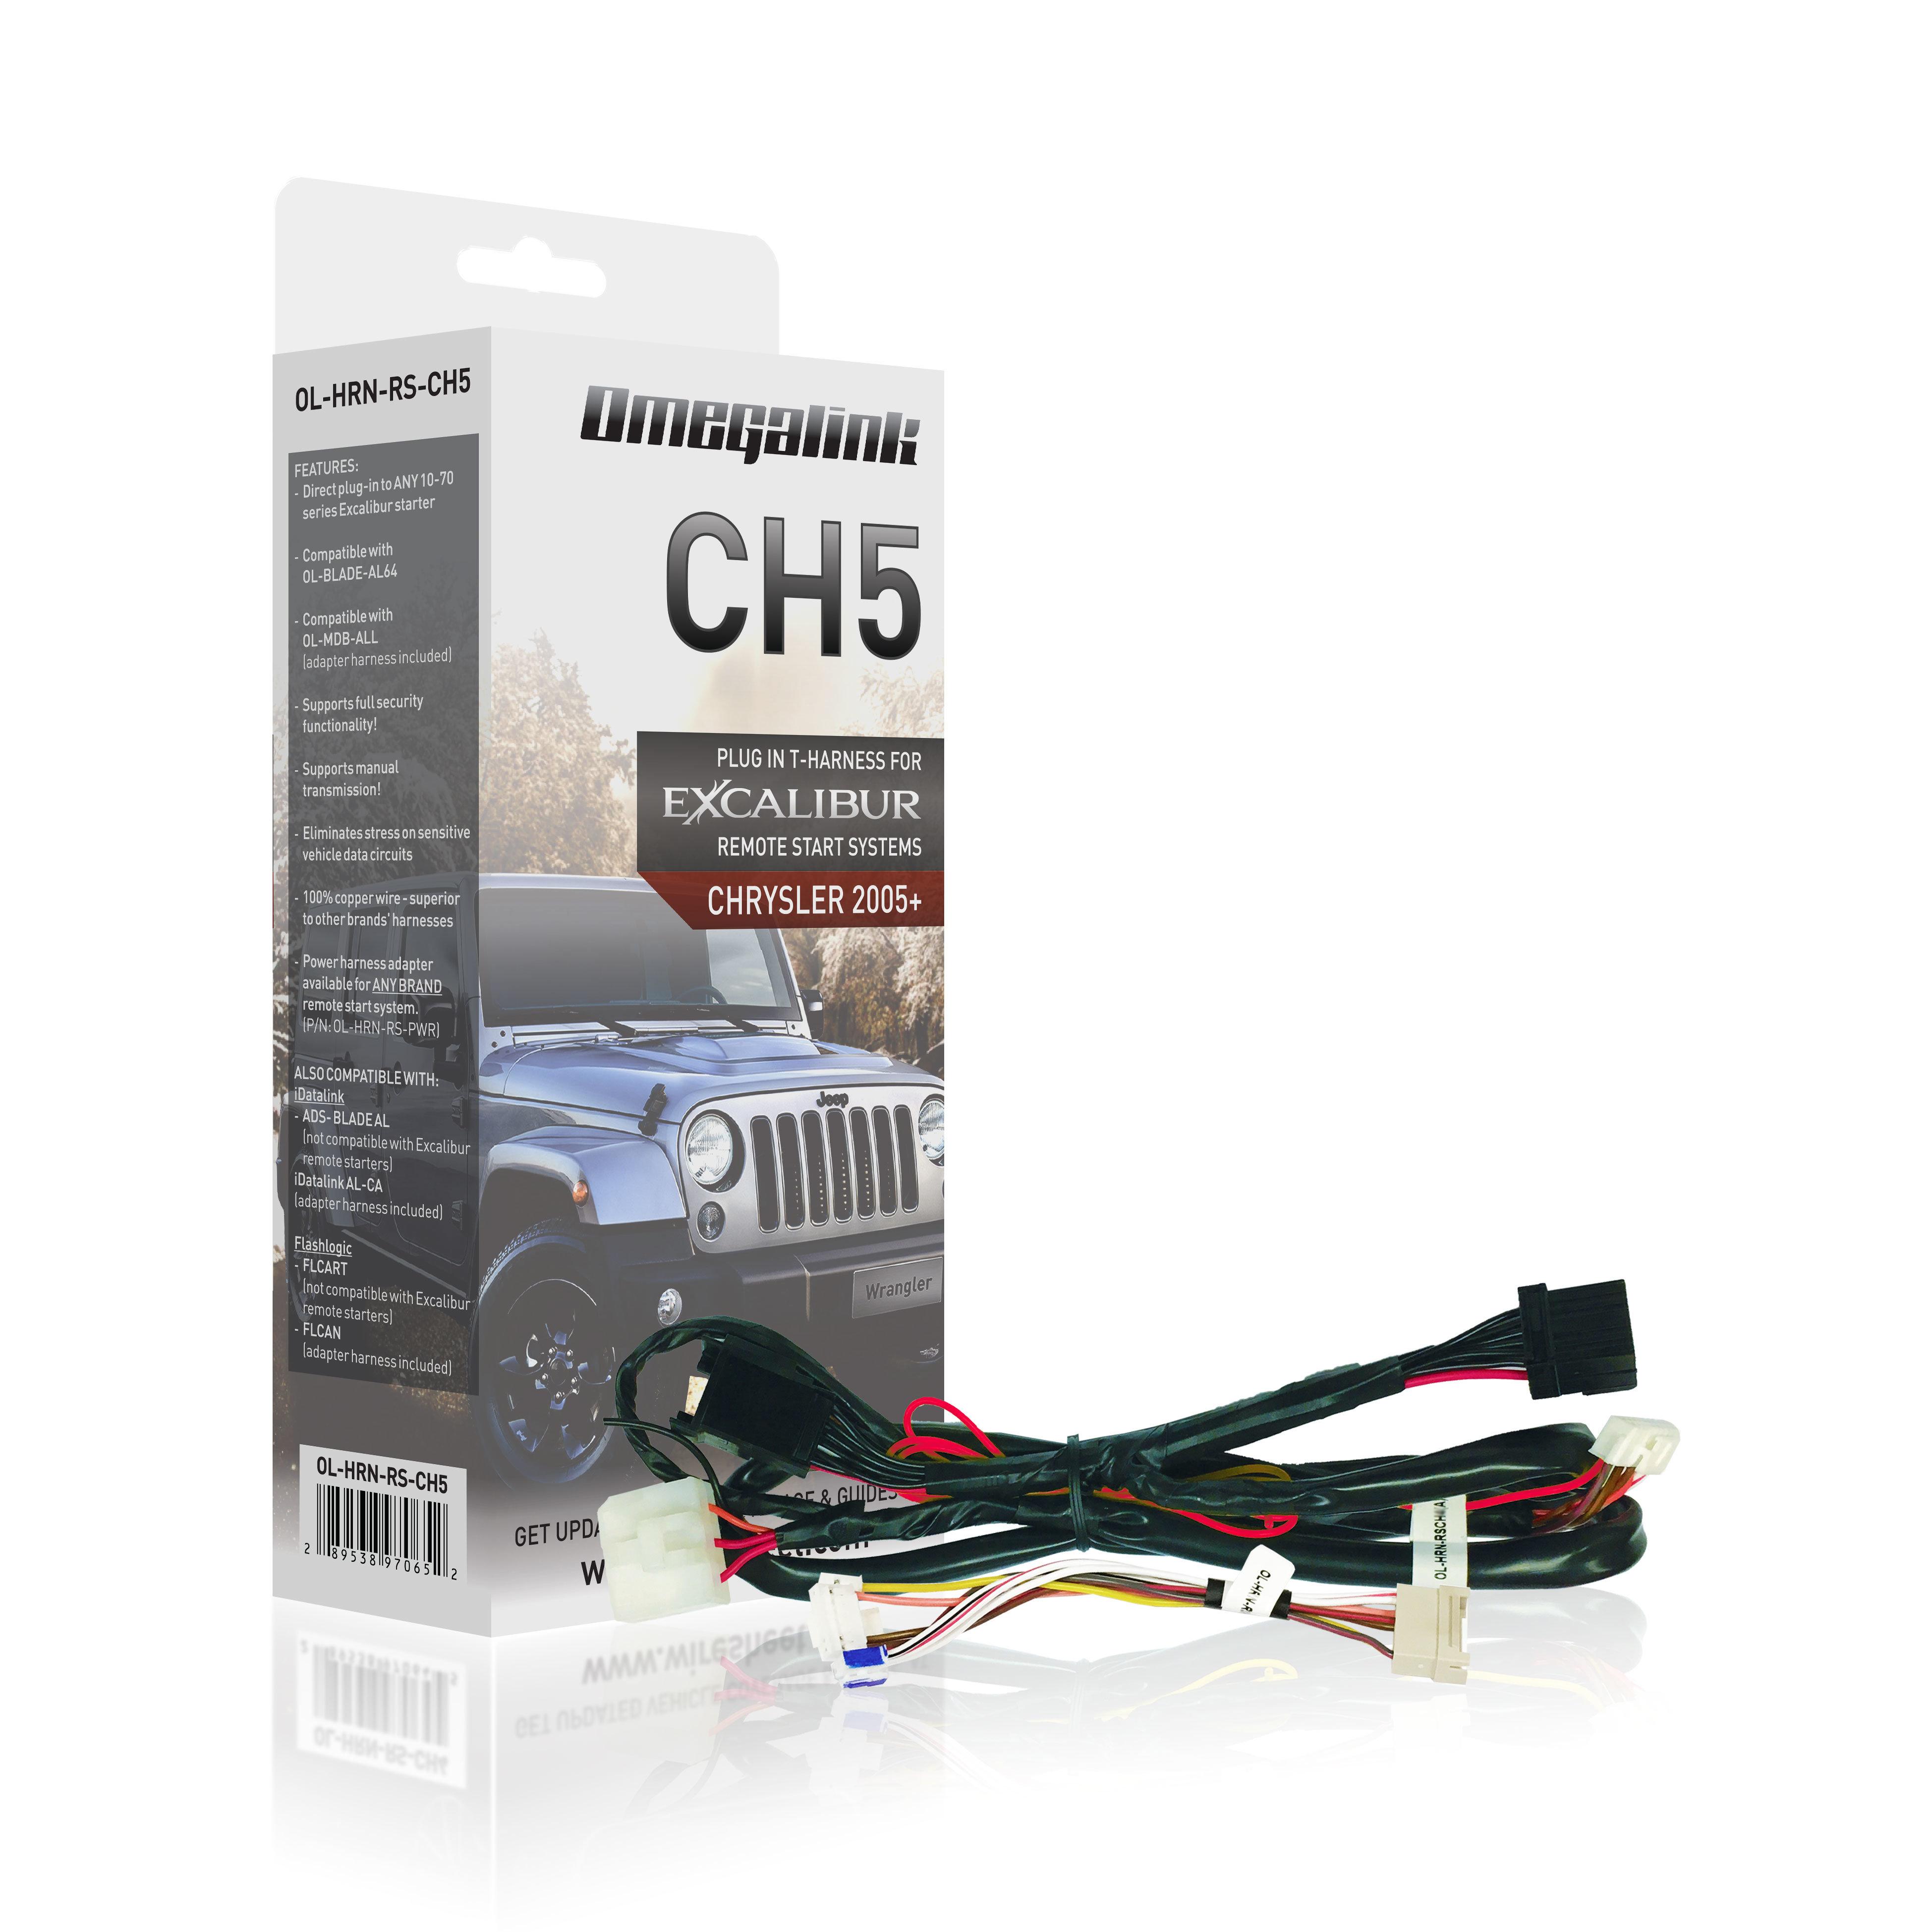 OL-HRN-RS-CH5